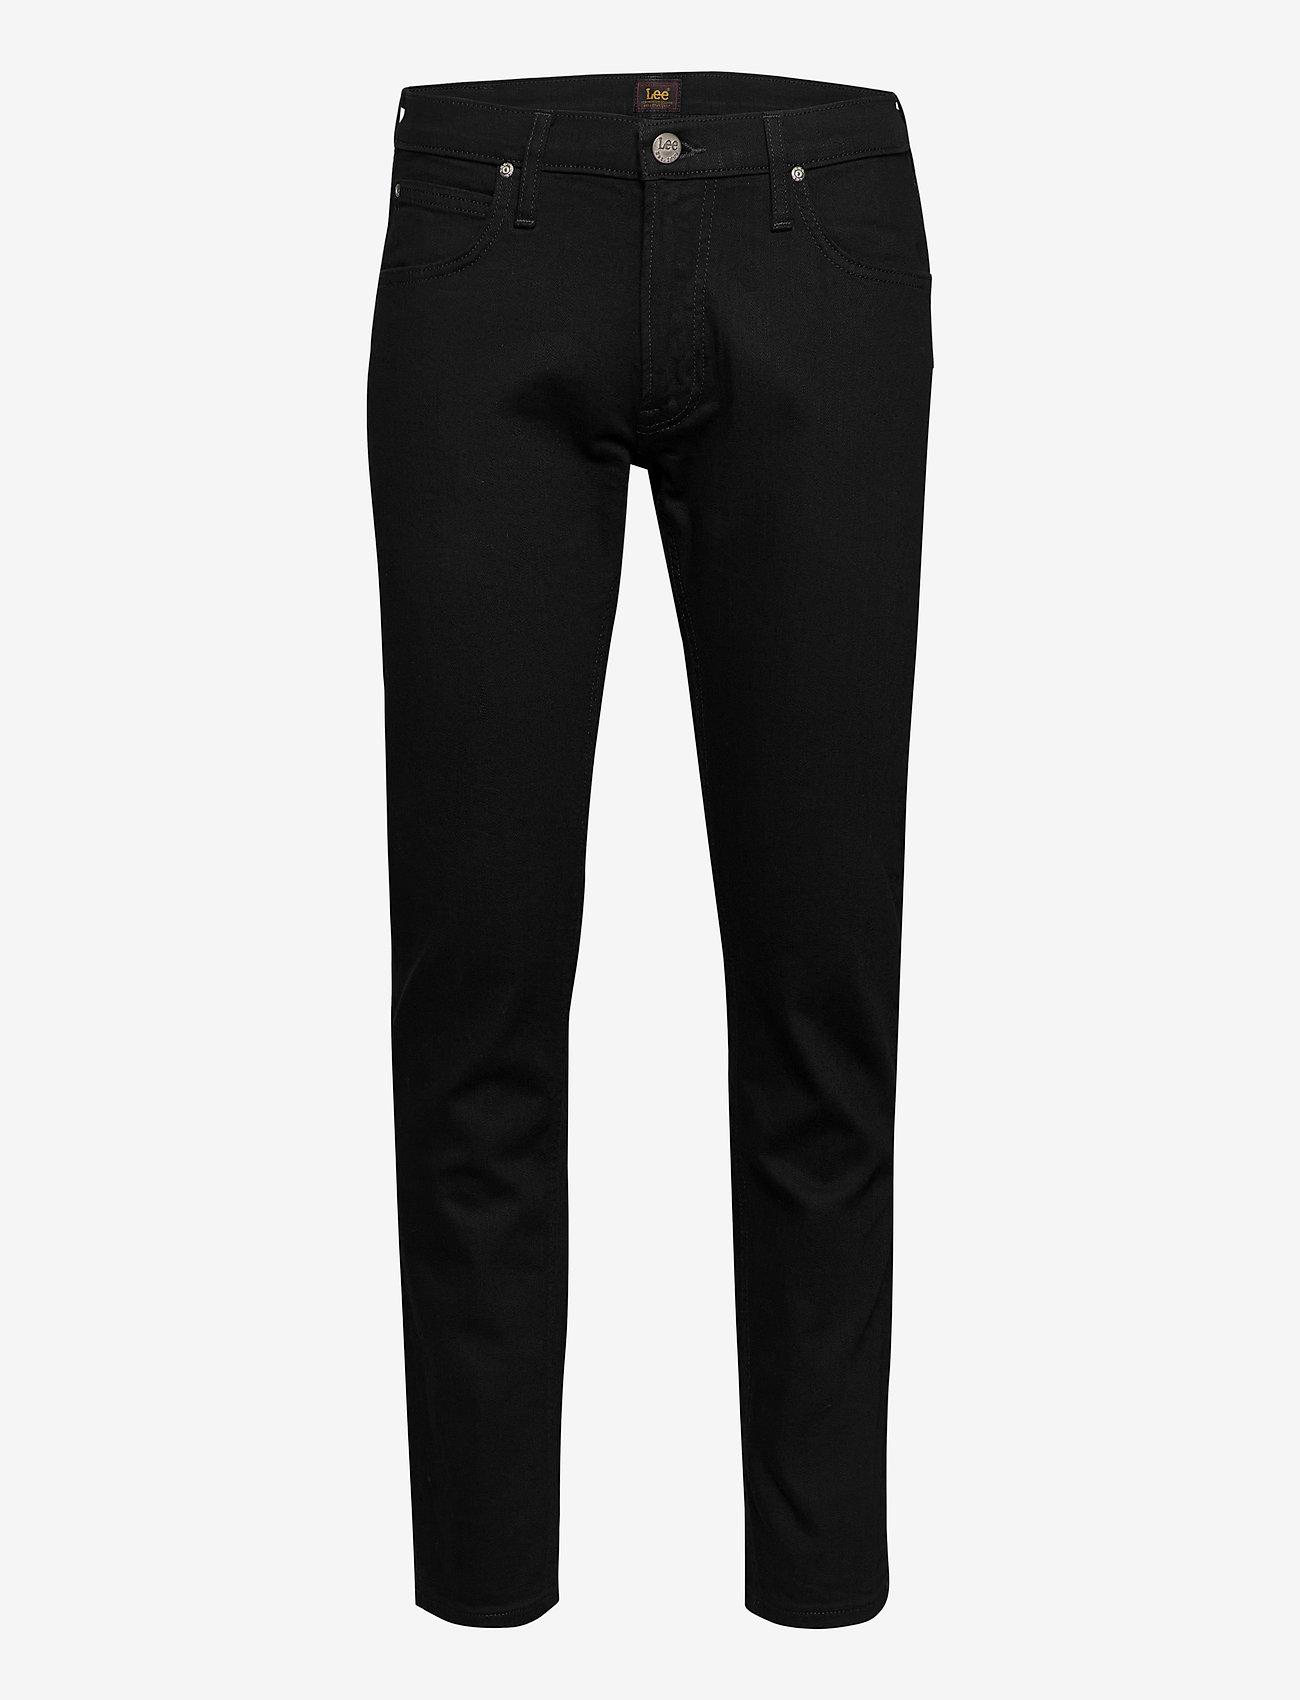 Lee Jeans - DAREN ZIP FLY - slim jeans - clean black - 0